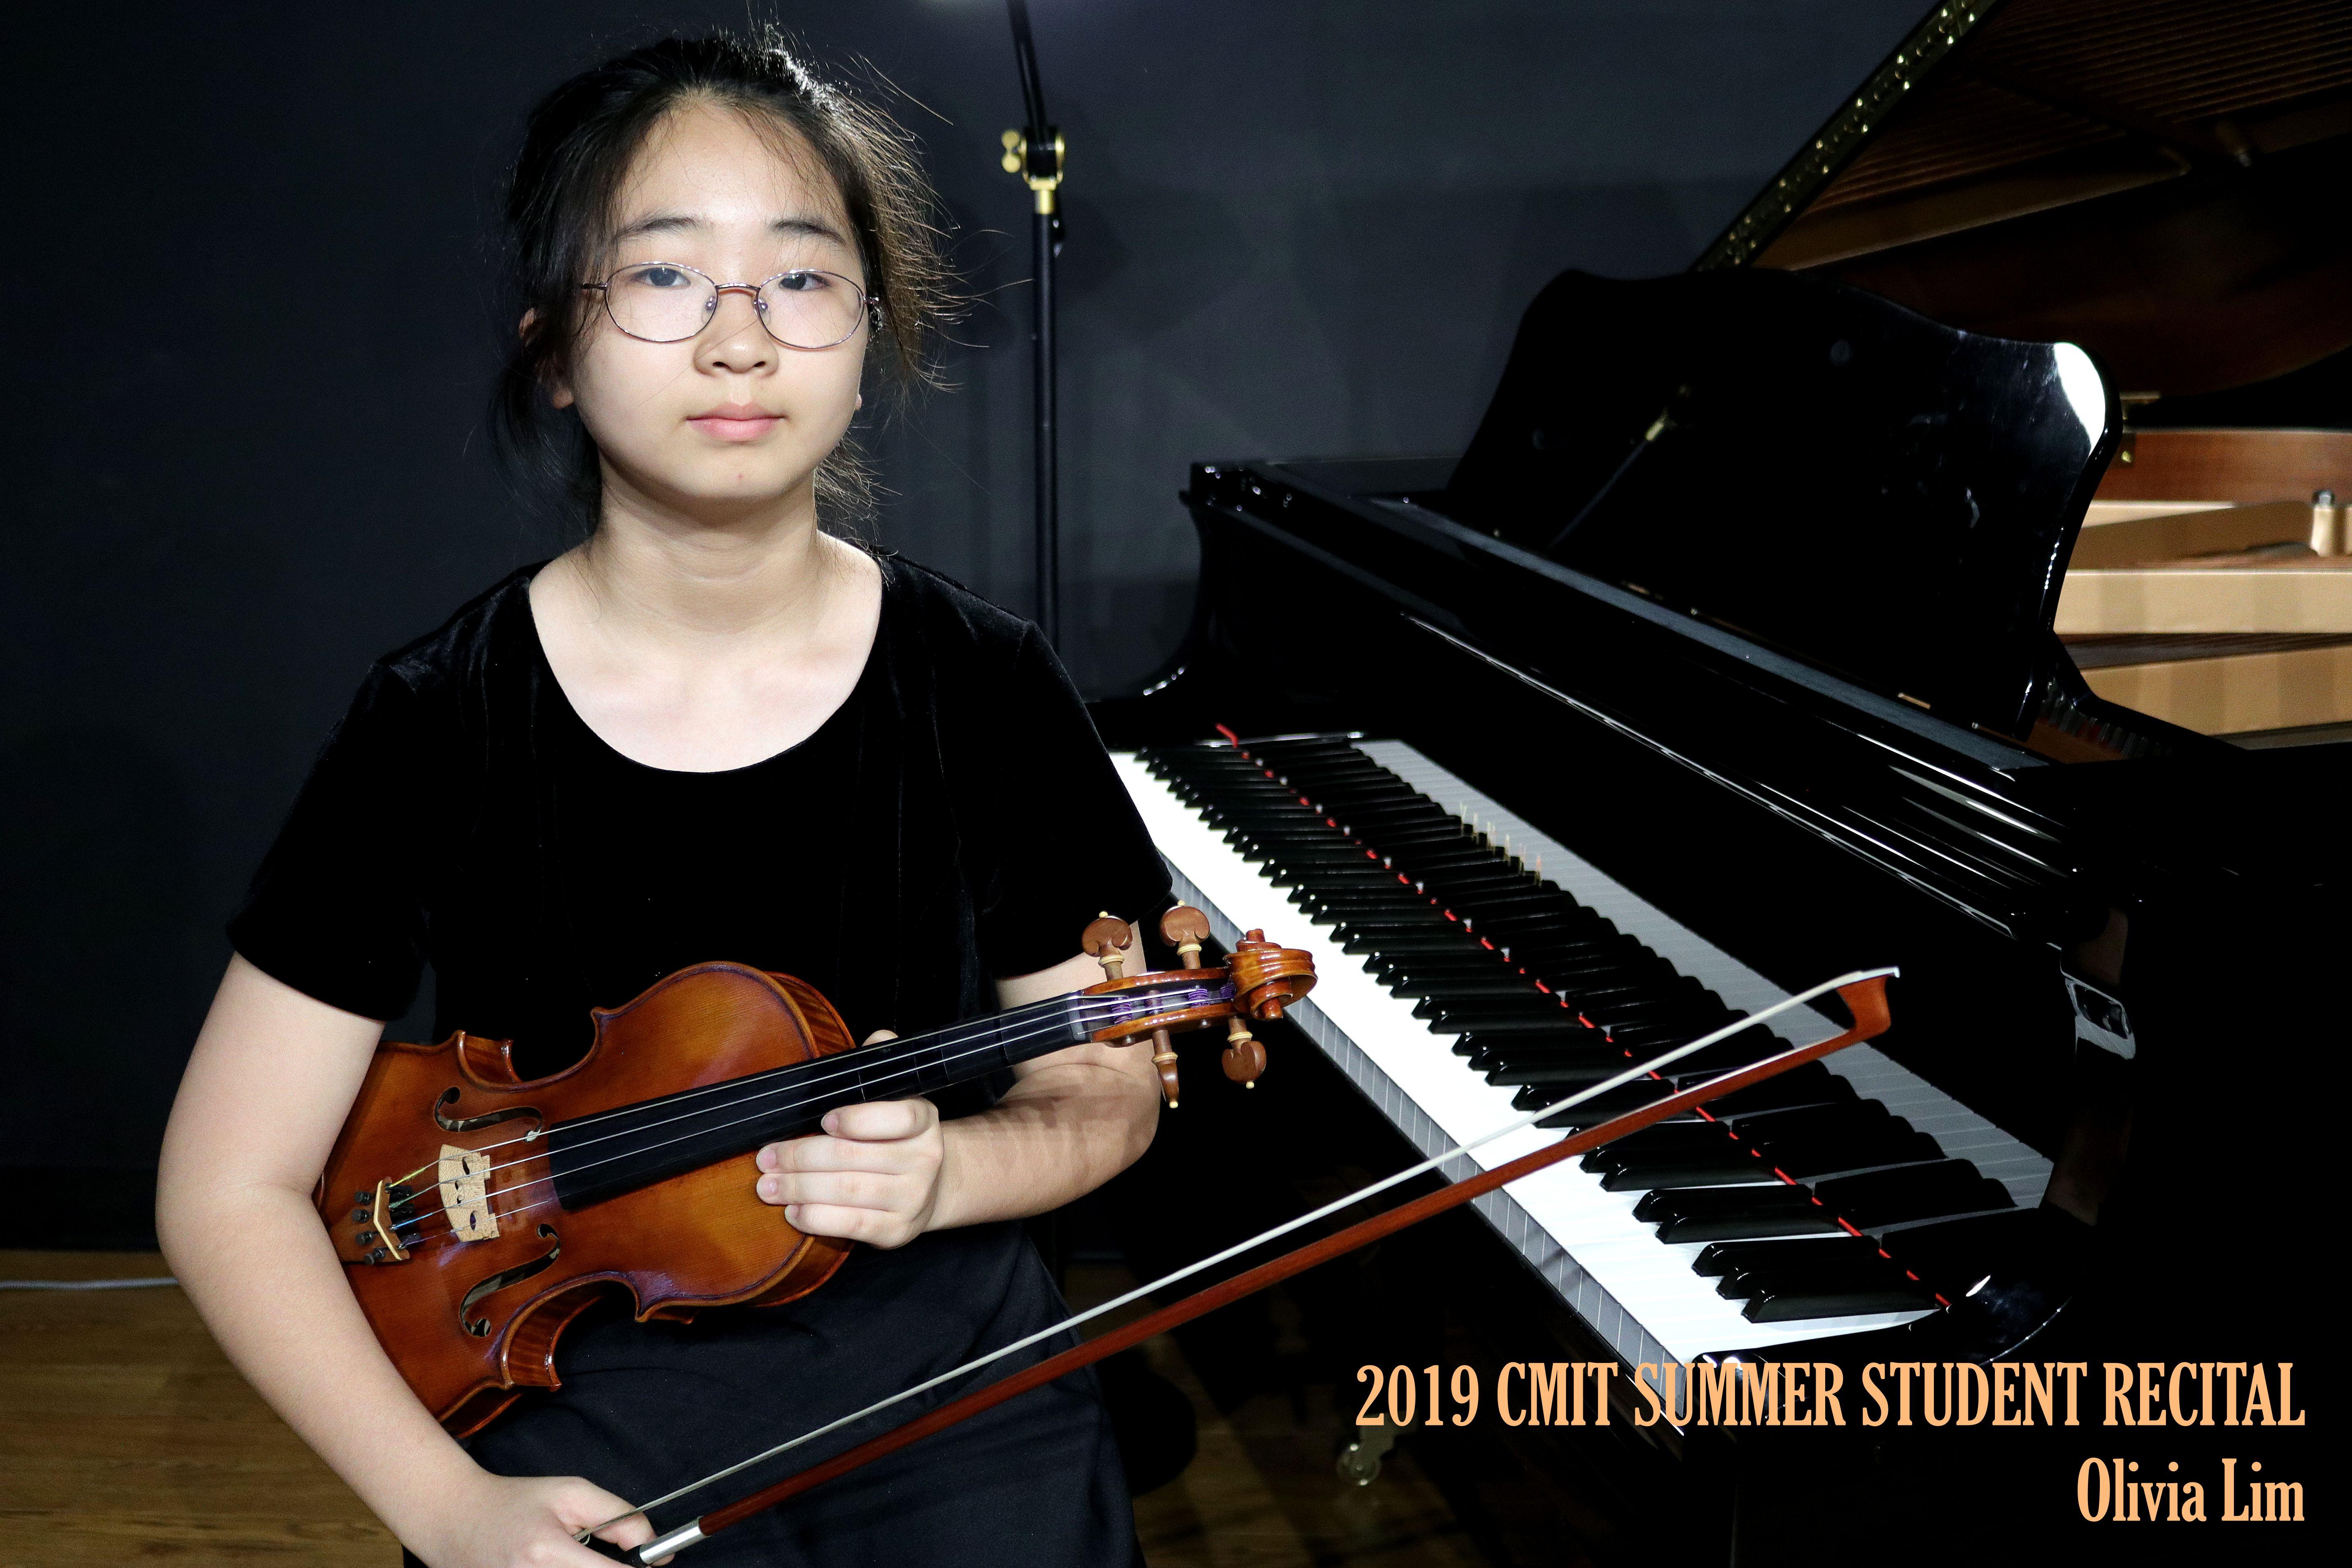 17 Olivia Lim